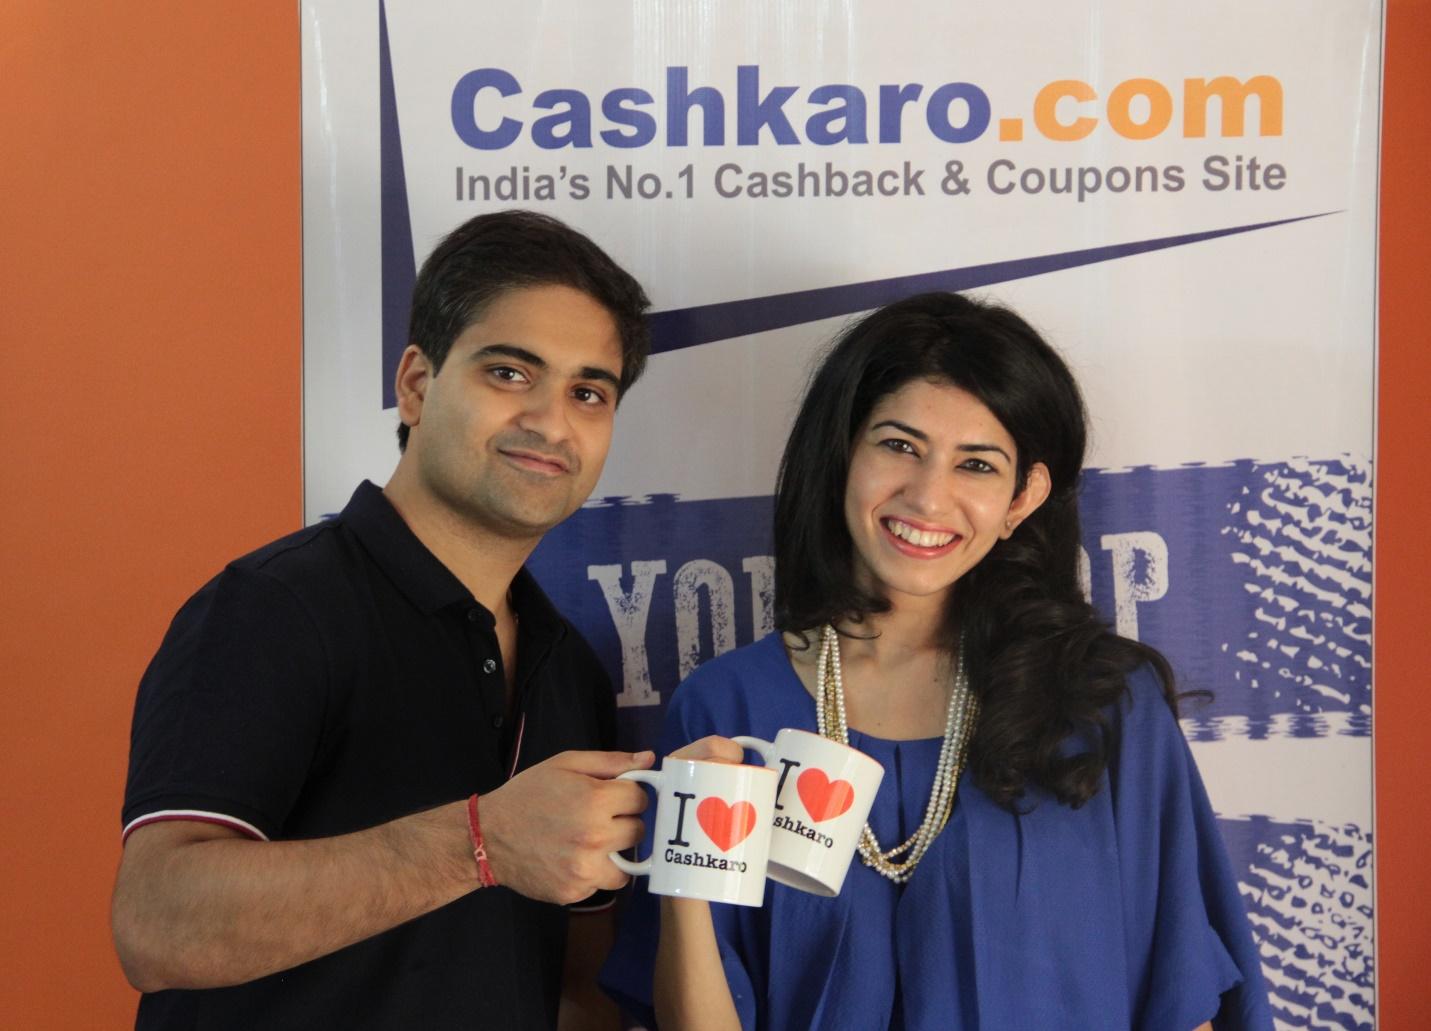 CashKaro founders Rohan and Swati Bhargava